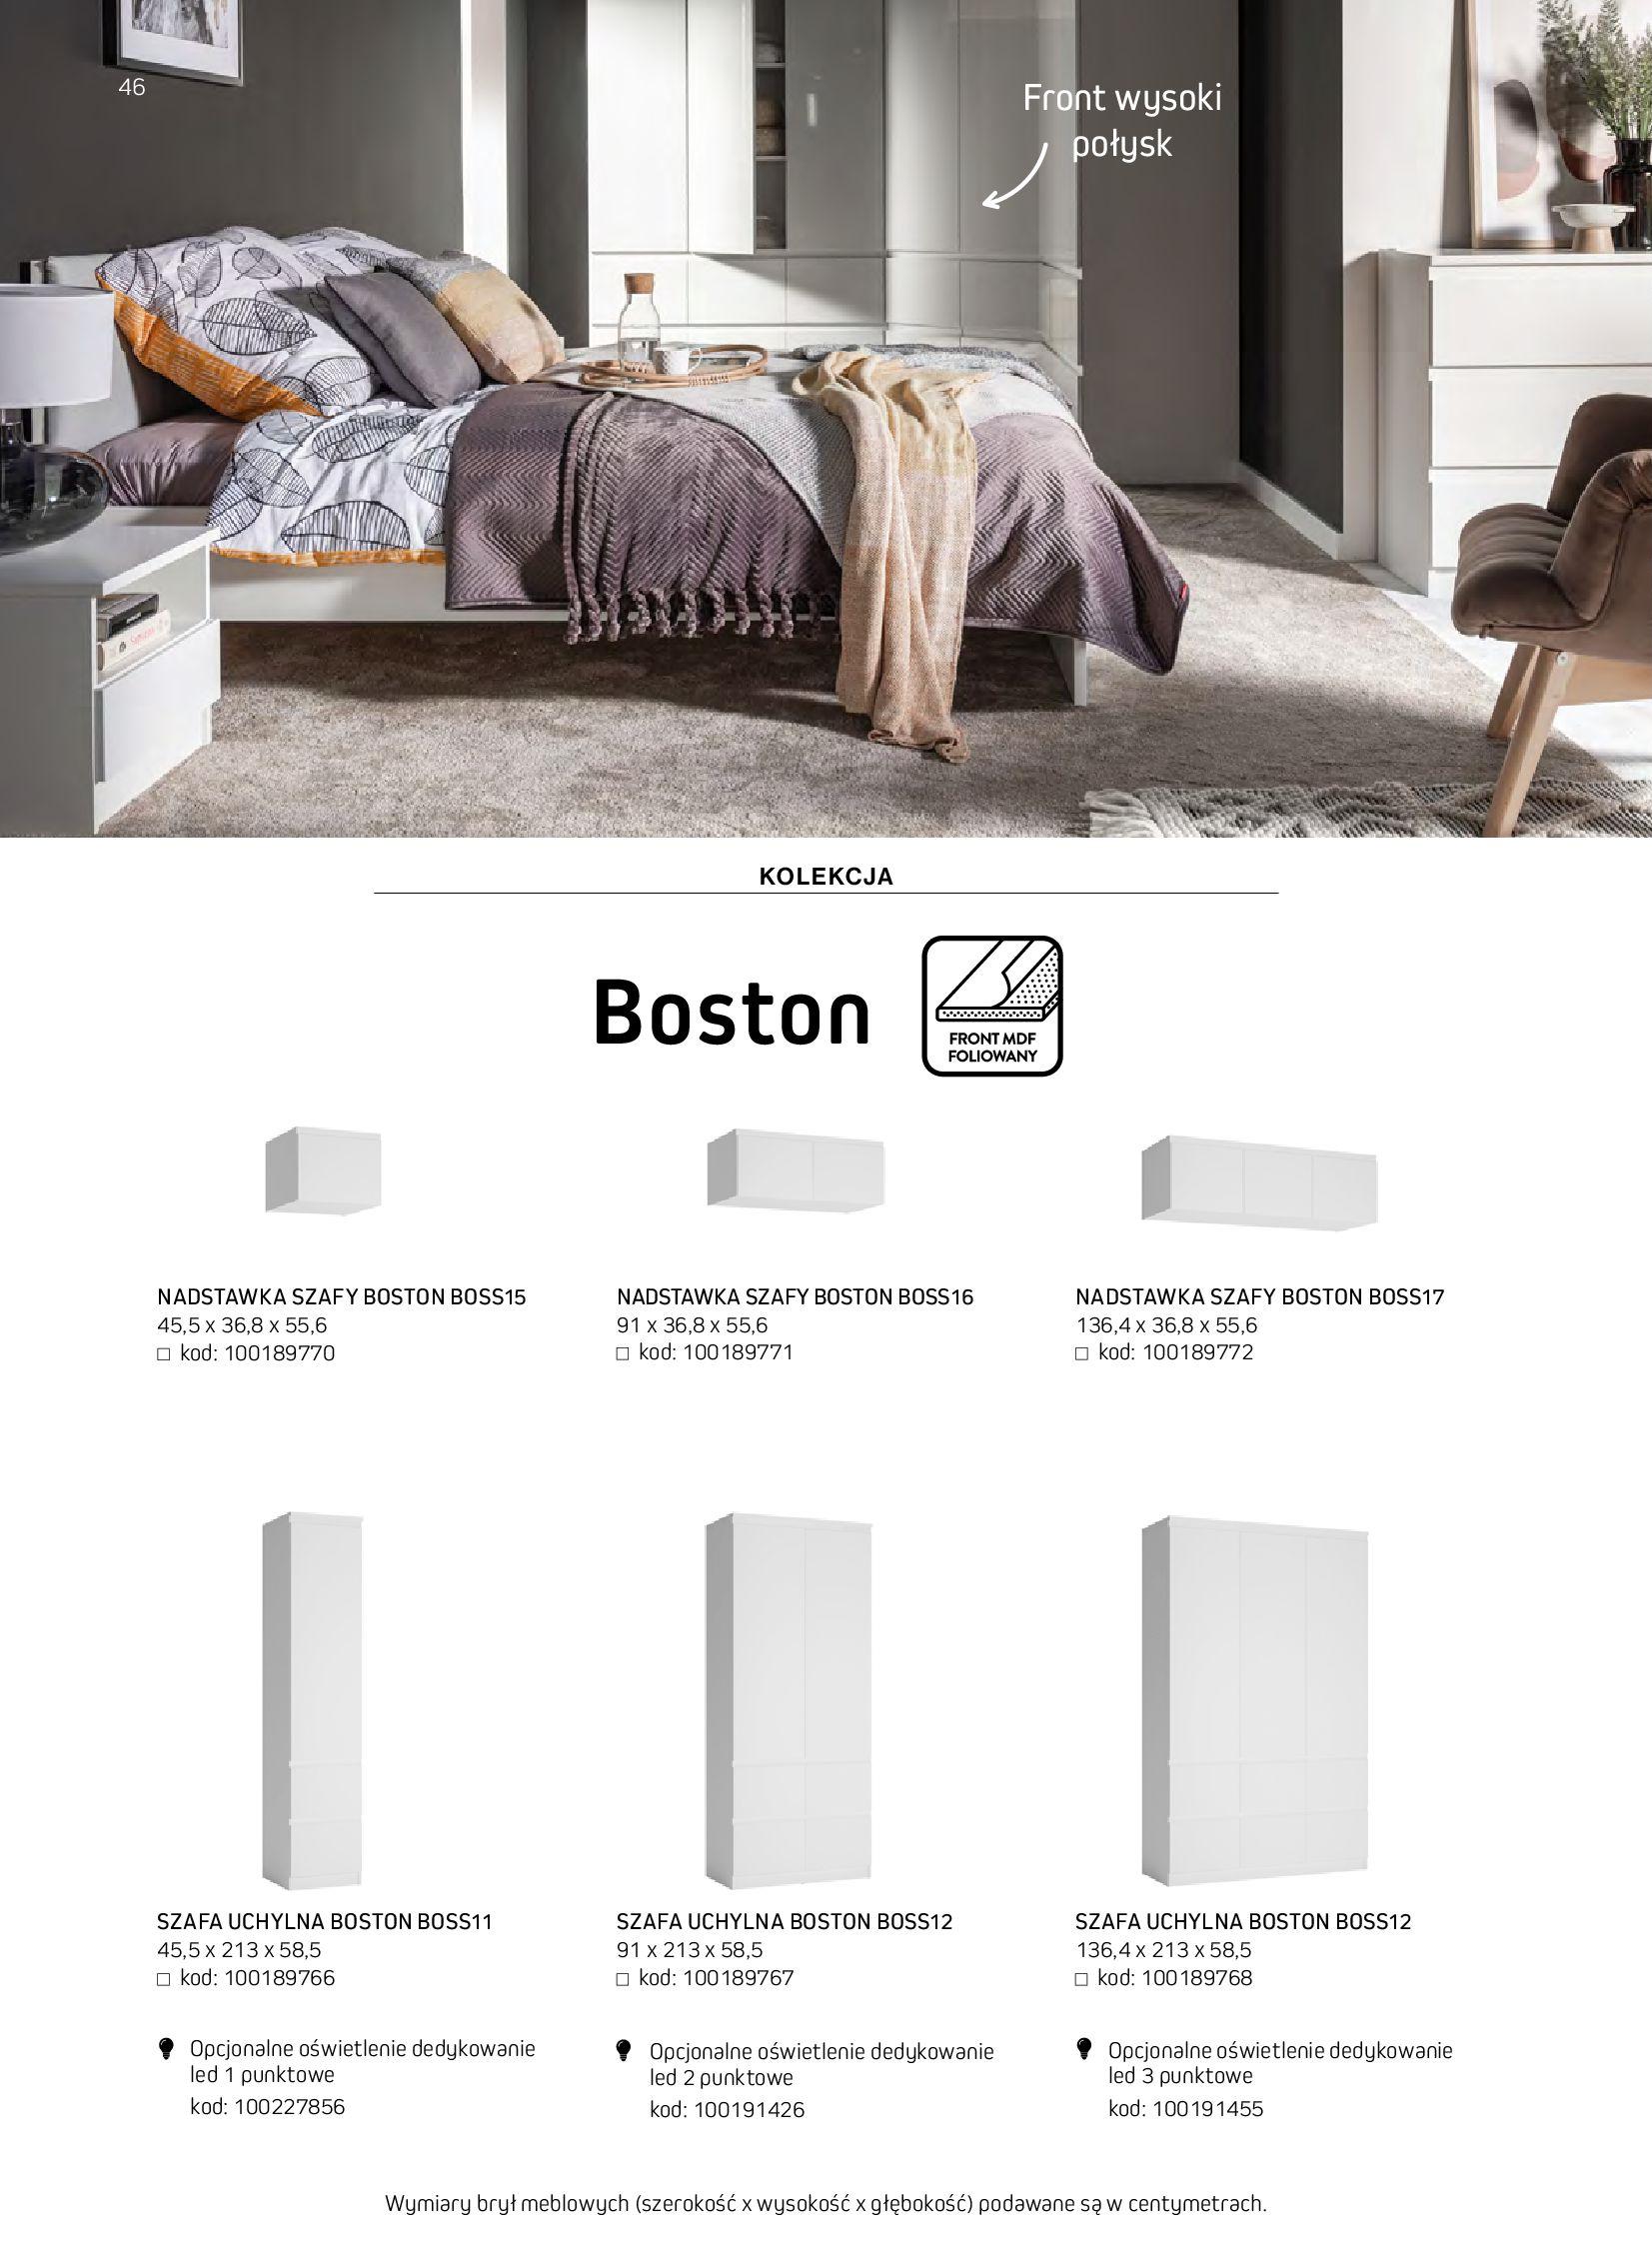 Gazetka Komfort: Gazetka komfort - Meble i oświetlenie 2021-08-26 page-46